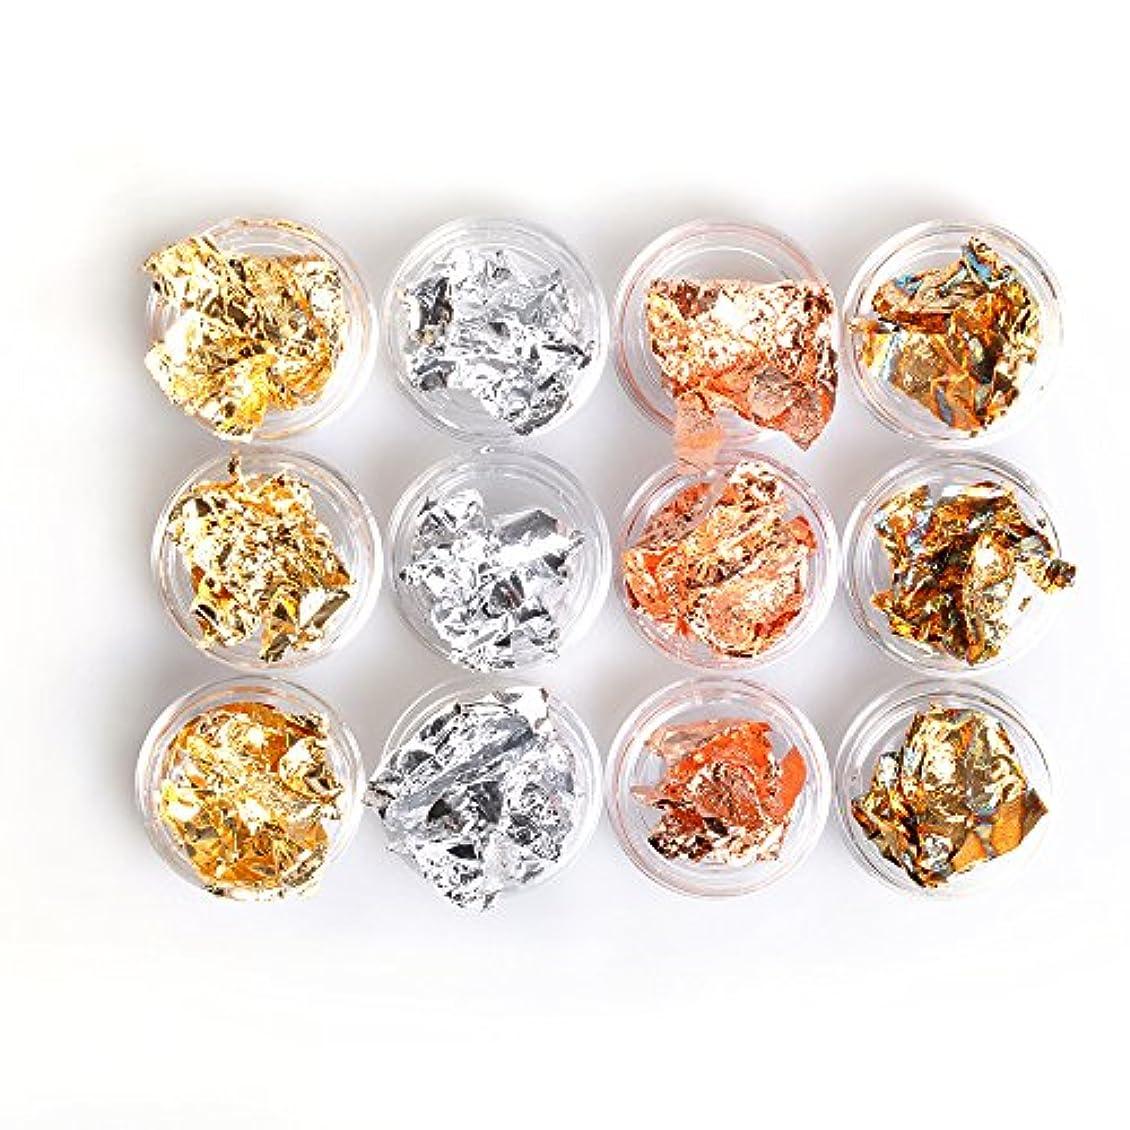 姓選挙ハロウィンネイルパーツ ネイル用品金箔 銀箔 12個入り 4色 ケース付き ネイルパーツ ジェルネイル用品